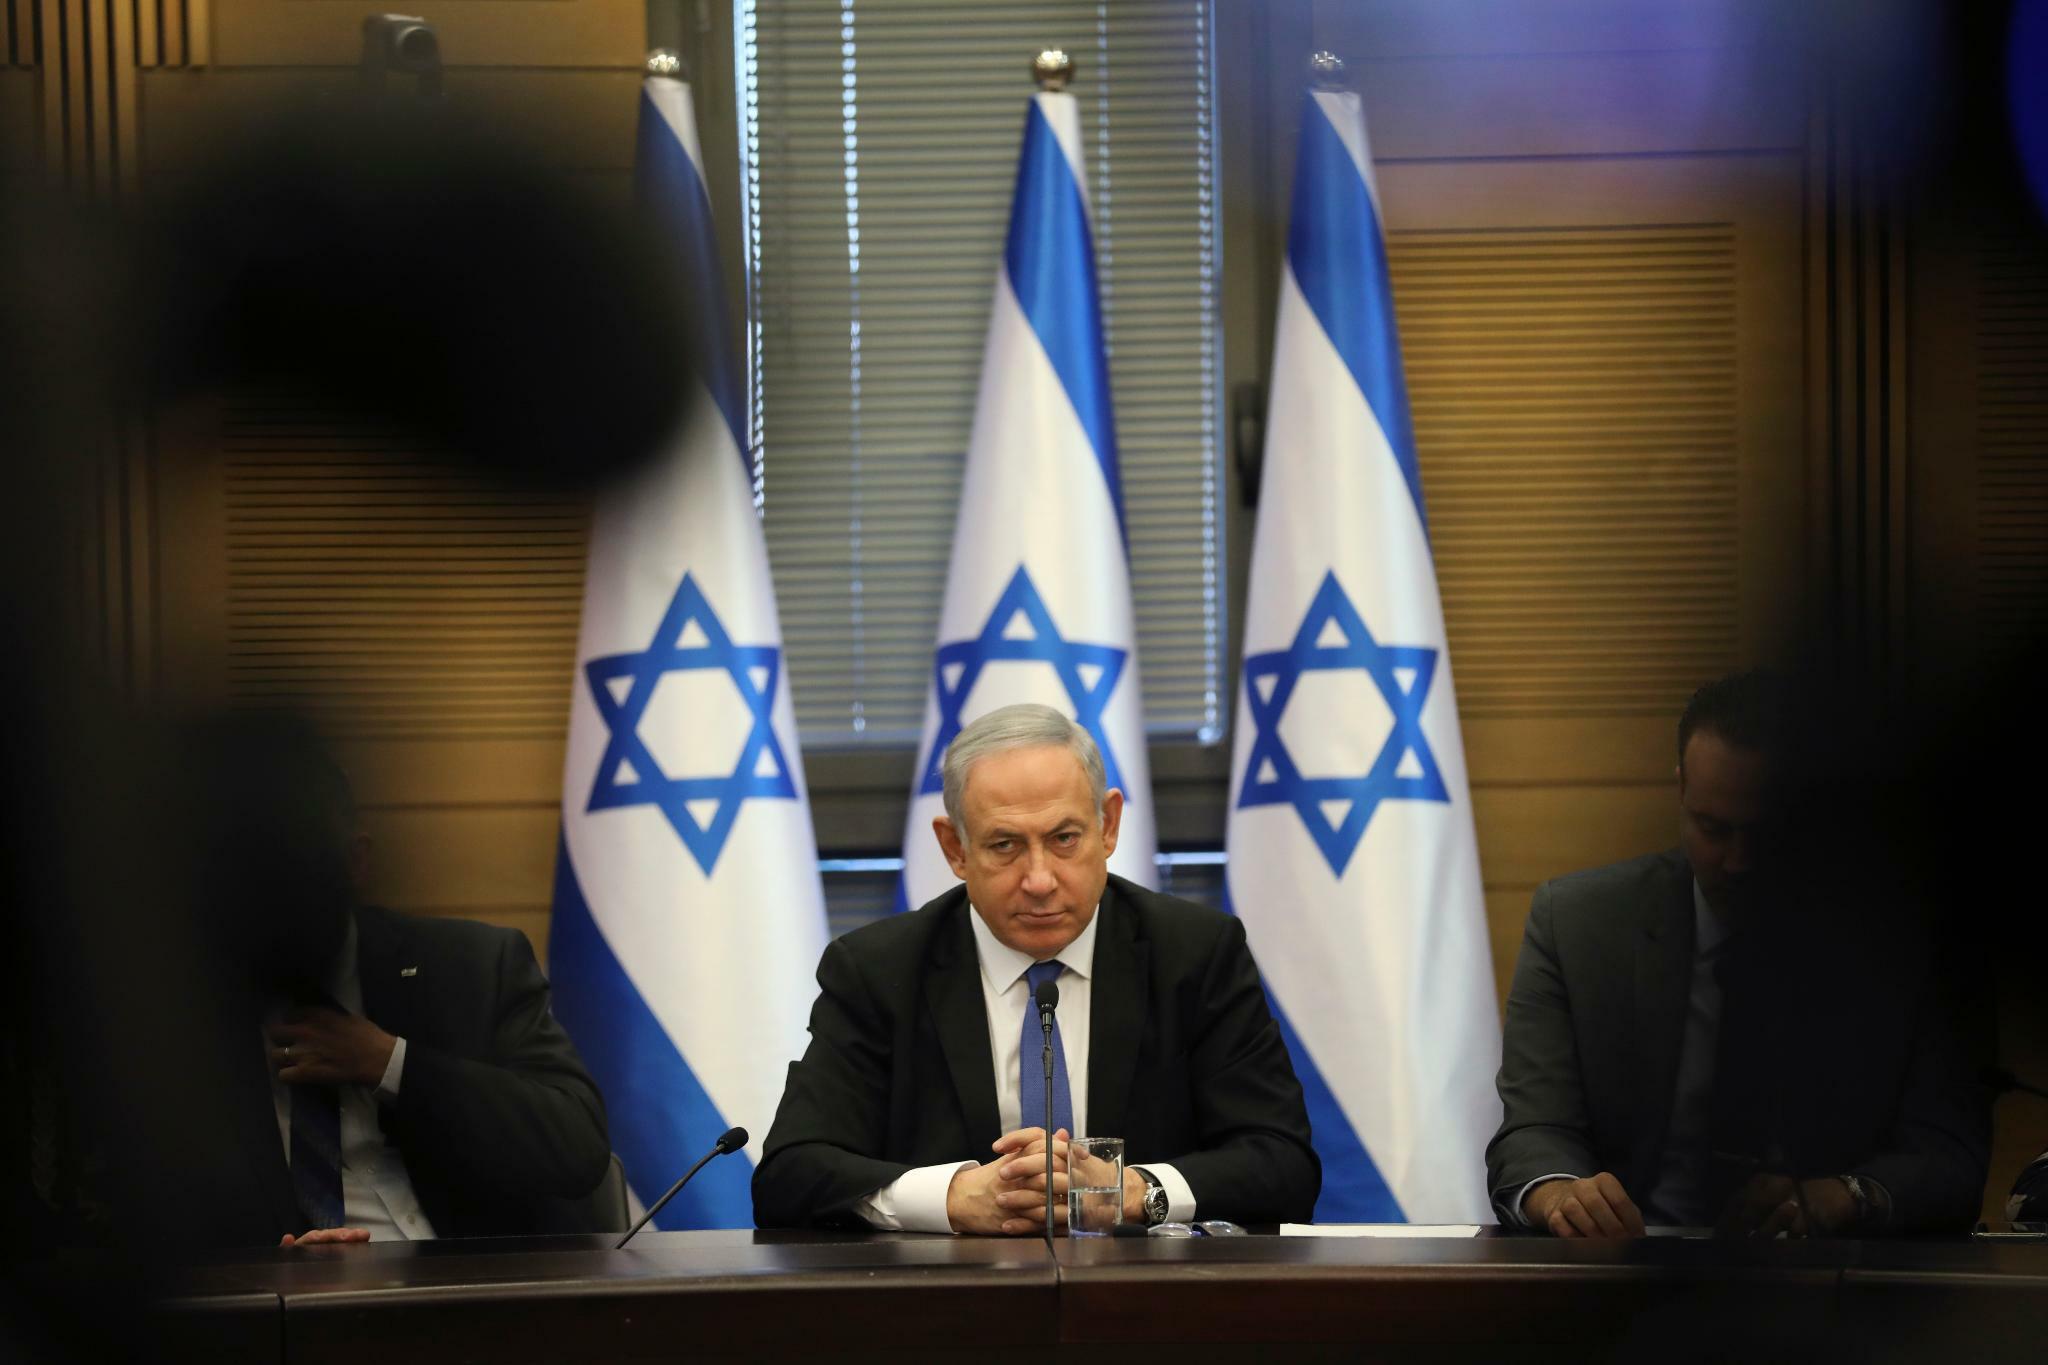 Kommentar: Netanjahu könnte Israels politischen Patt auflösen – mit seinem Rücktritt